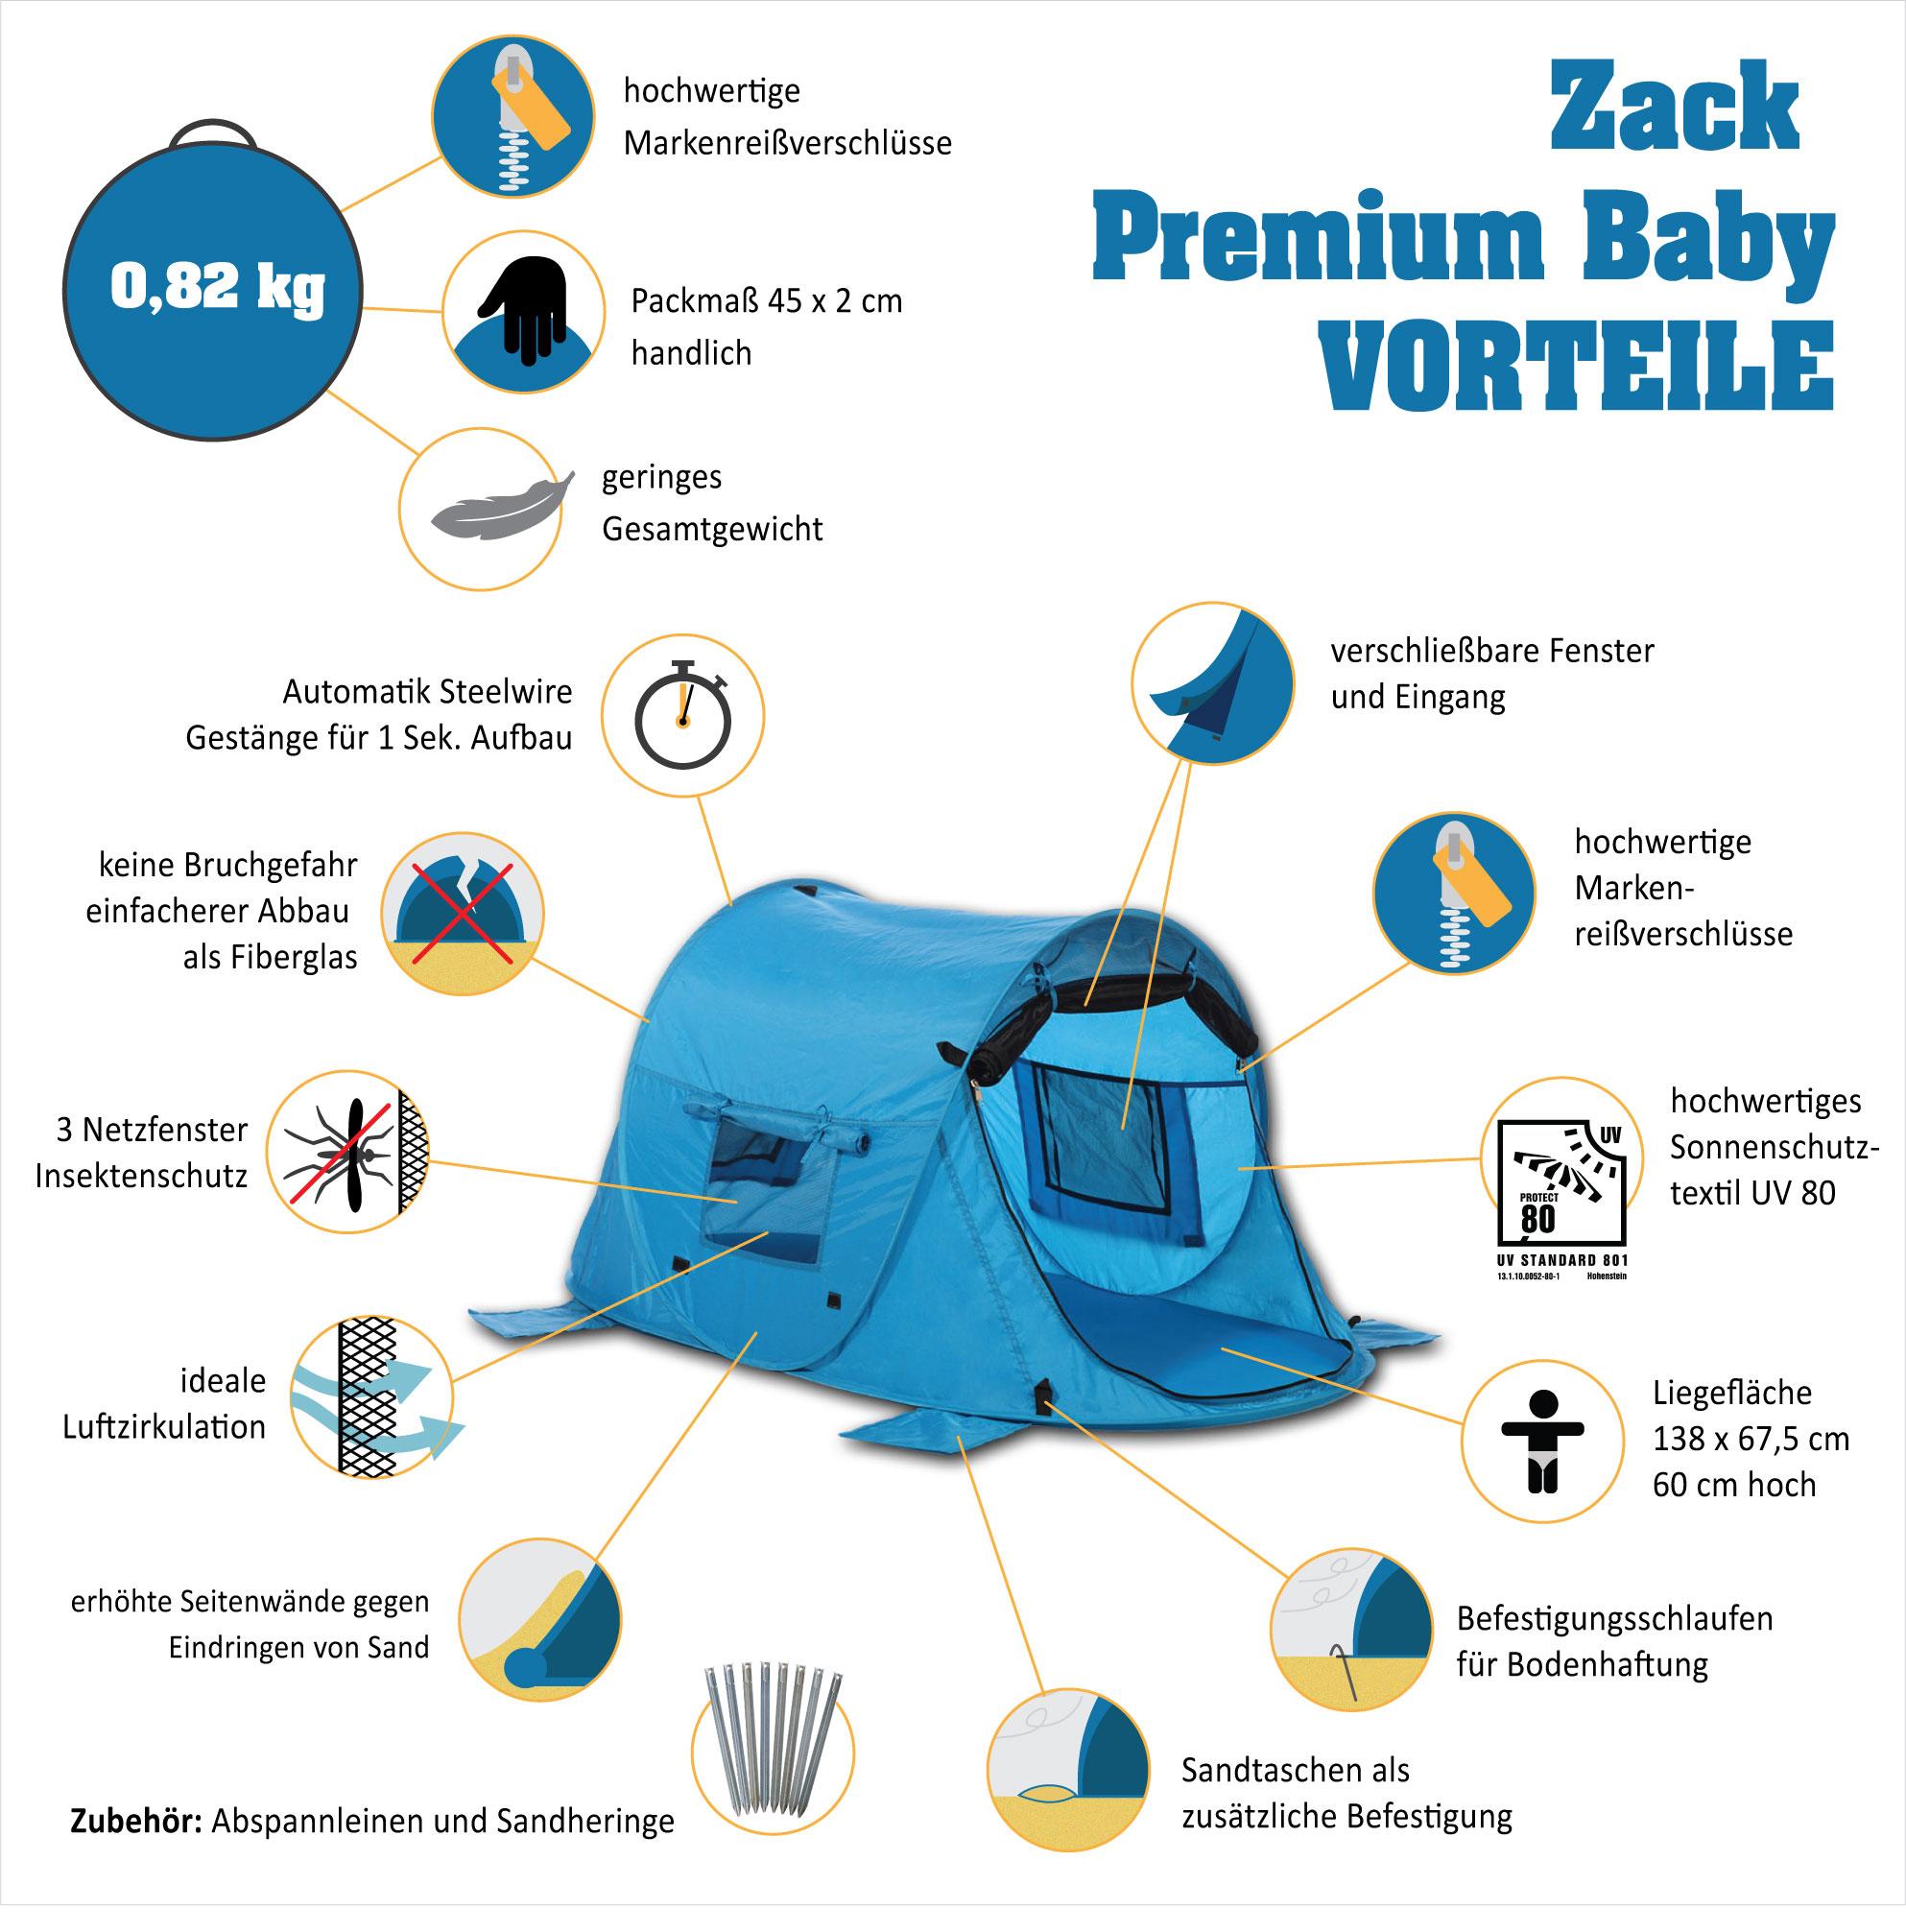 zack premium baby vorteile Kinder & Baby Pop up Strandmuschel &Reisebett Zack Premium Baby